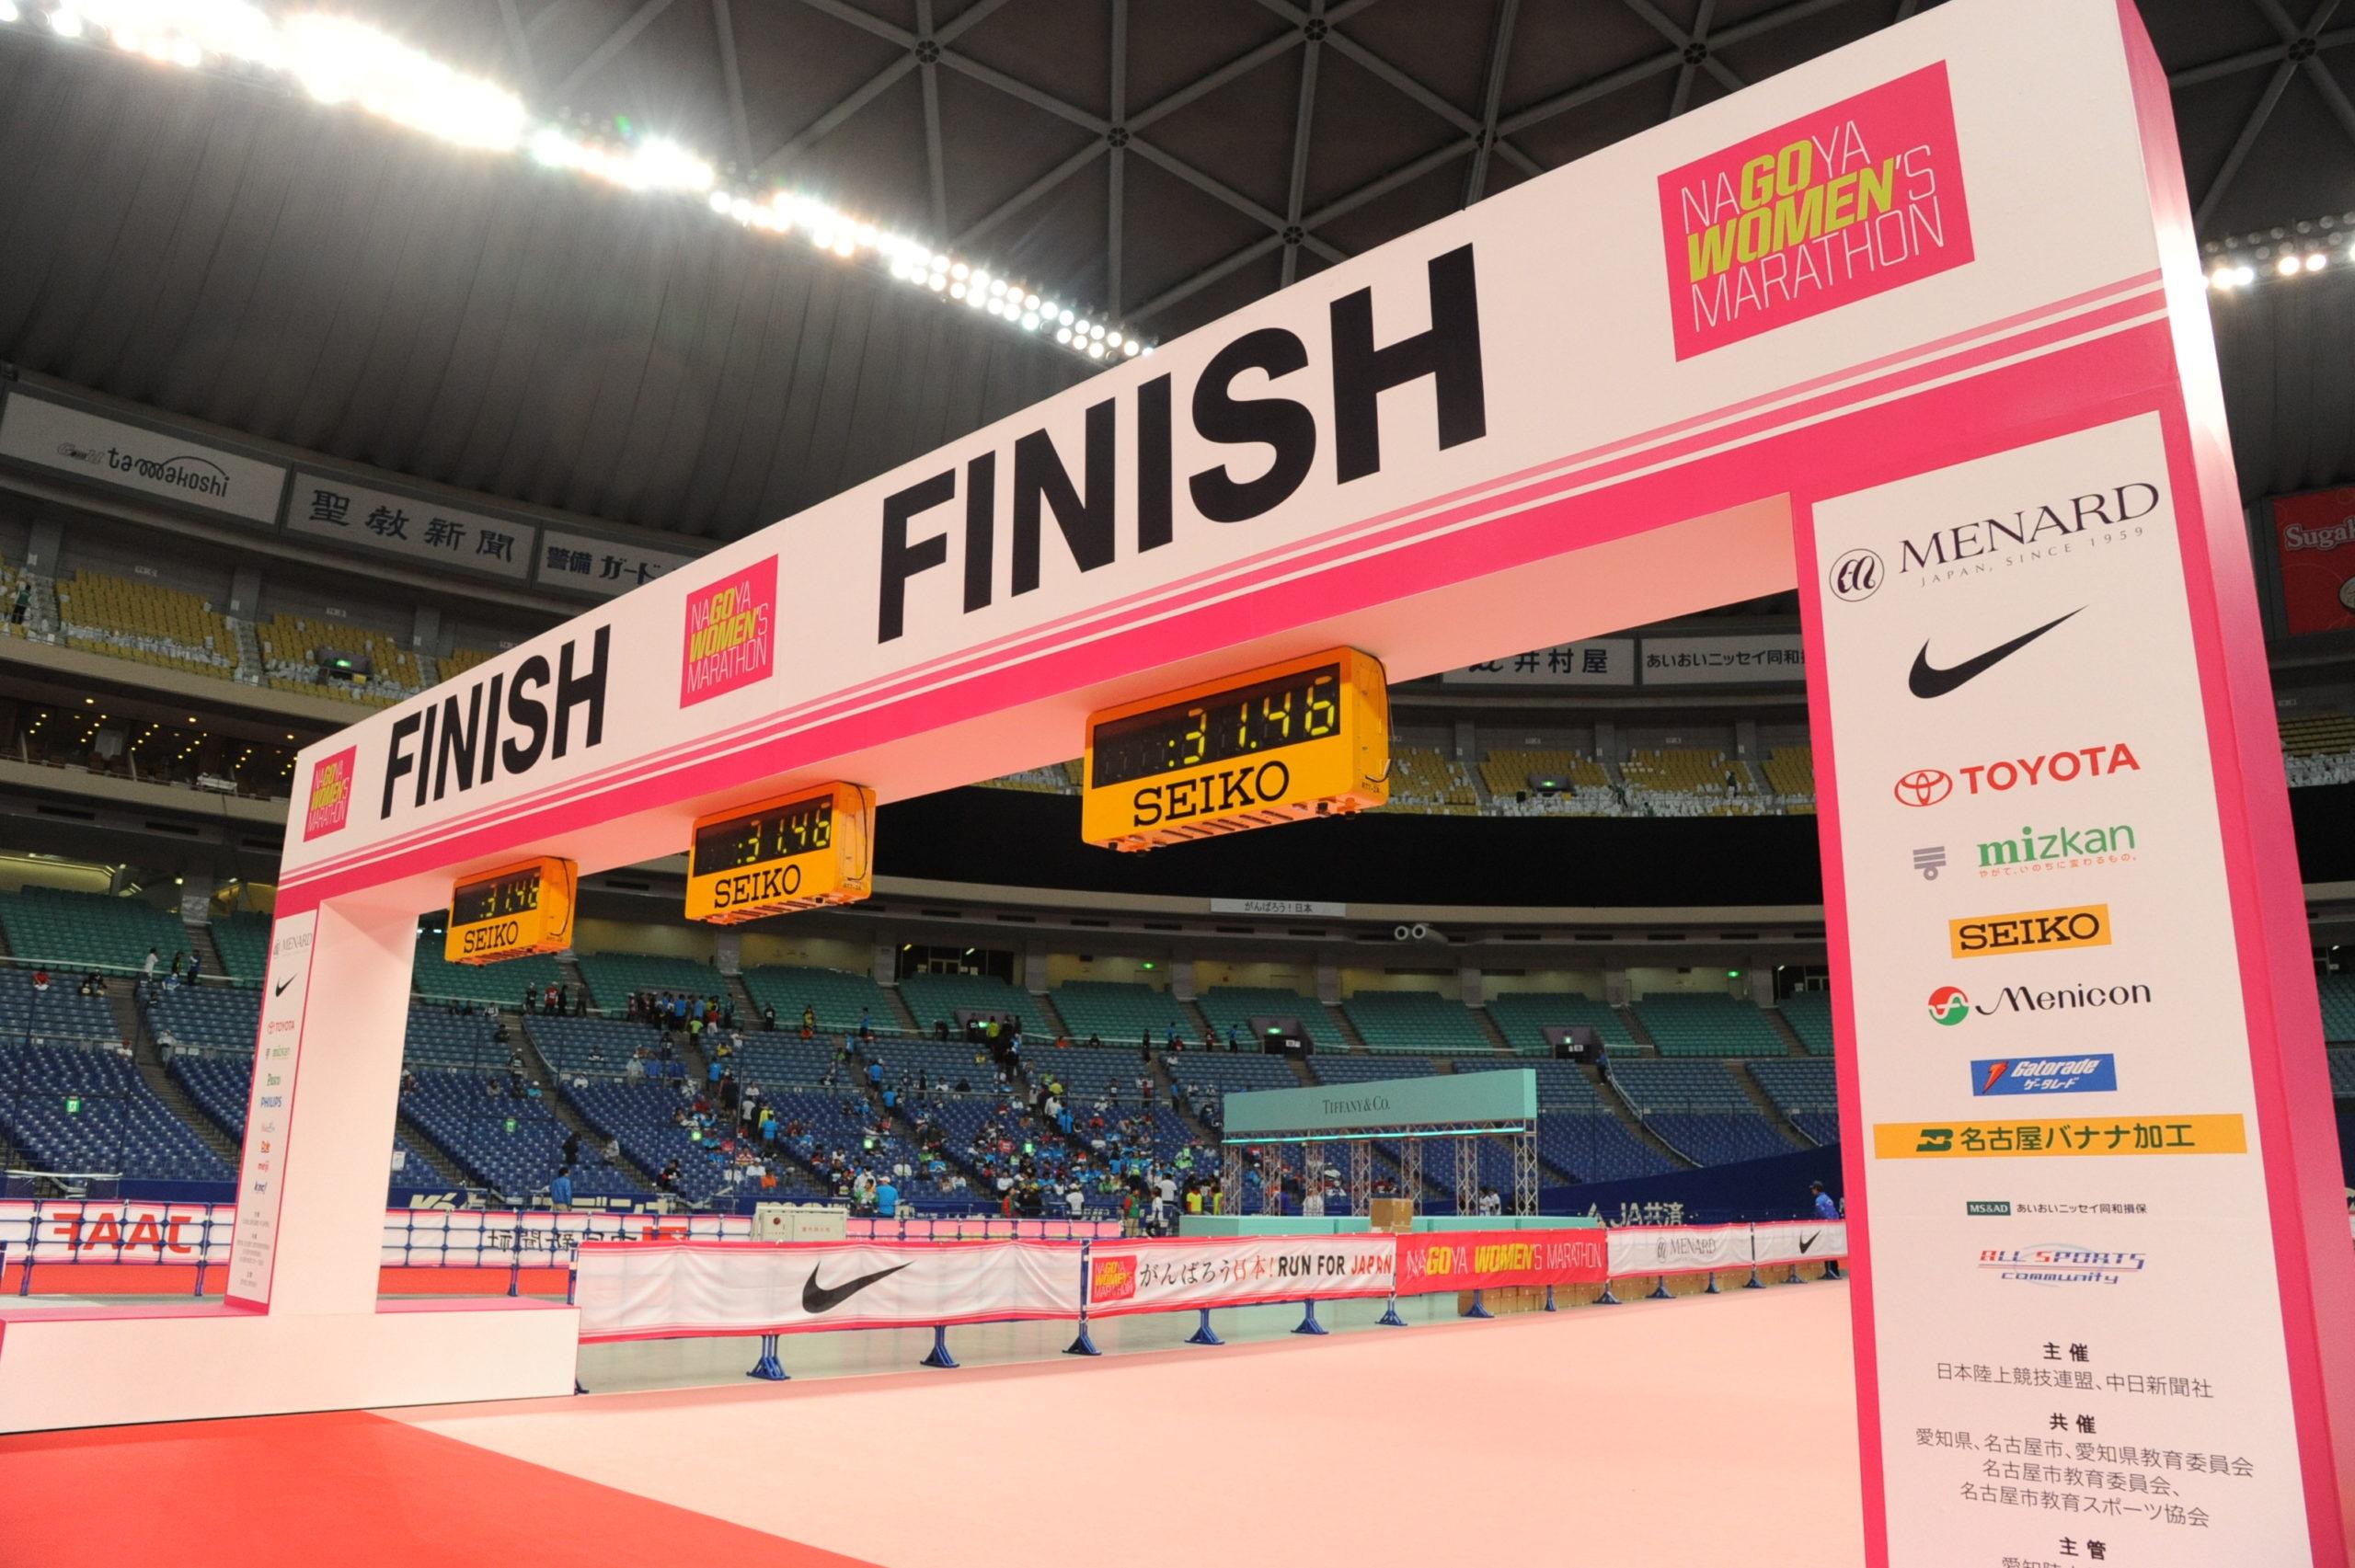 2012年3月11日第1回名古屋ウィメンズマラソンフィニッシュゲート